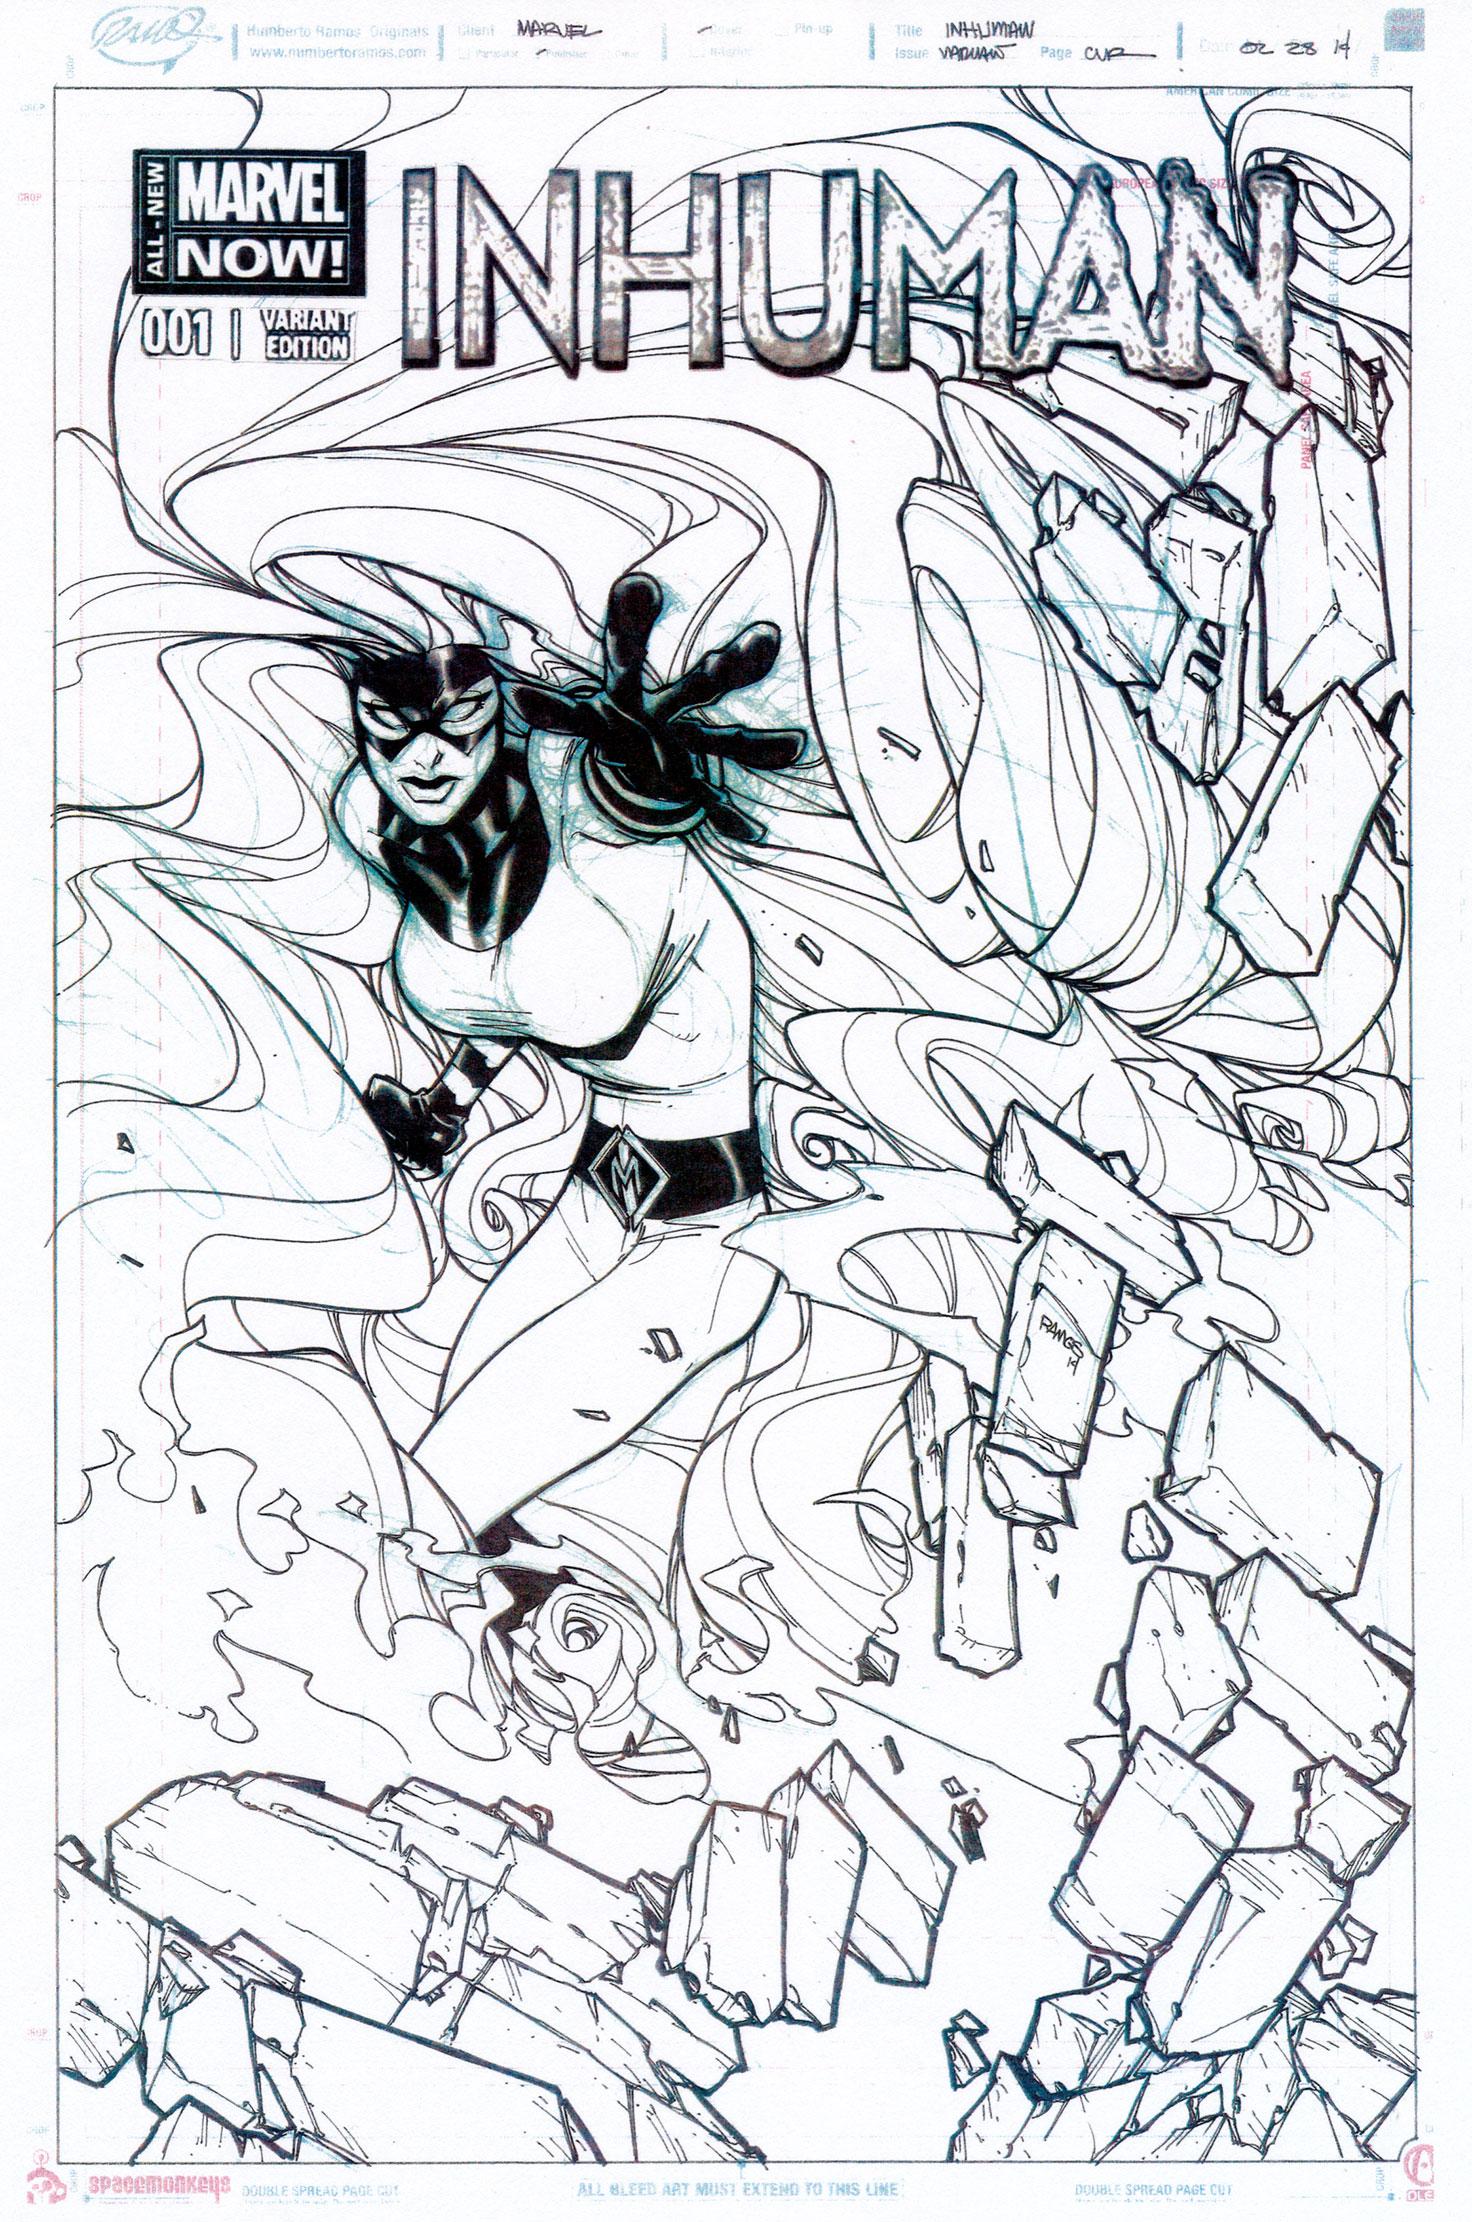 HUMBERTO RAMOS 2014 INHUMAN #1 COVER Comic Art